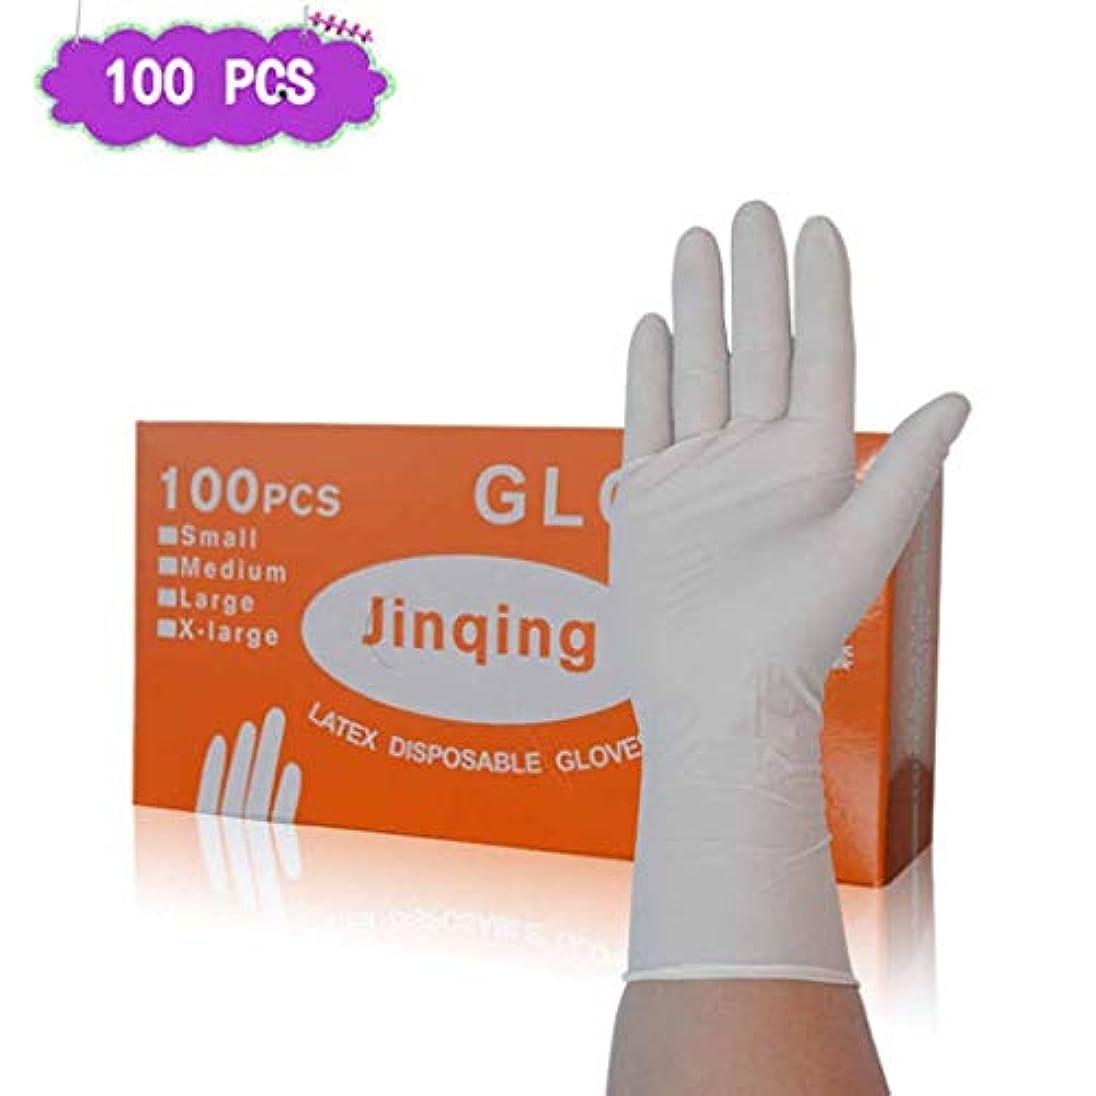 排除する弾丸抽出ニトリルグローブ12インチの長い厚い白い食品グレードラテックステストゴム、非滅菌、デューティ試験手袋|病院、法執行機関、食品ベンダー向けのプロフェッショナルグレード (Size : M)